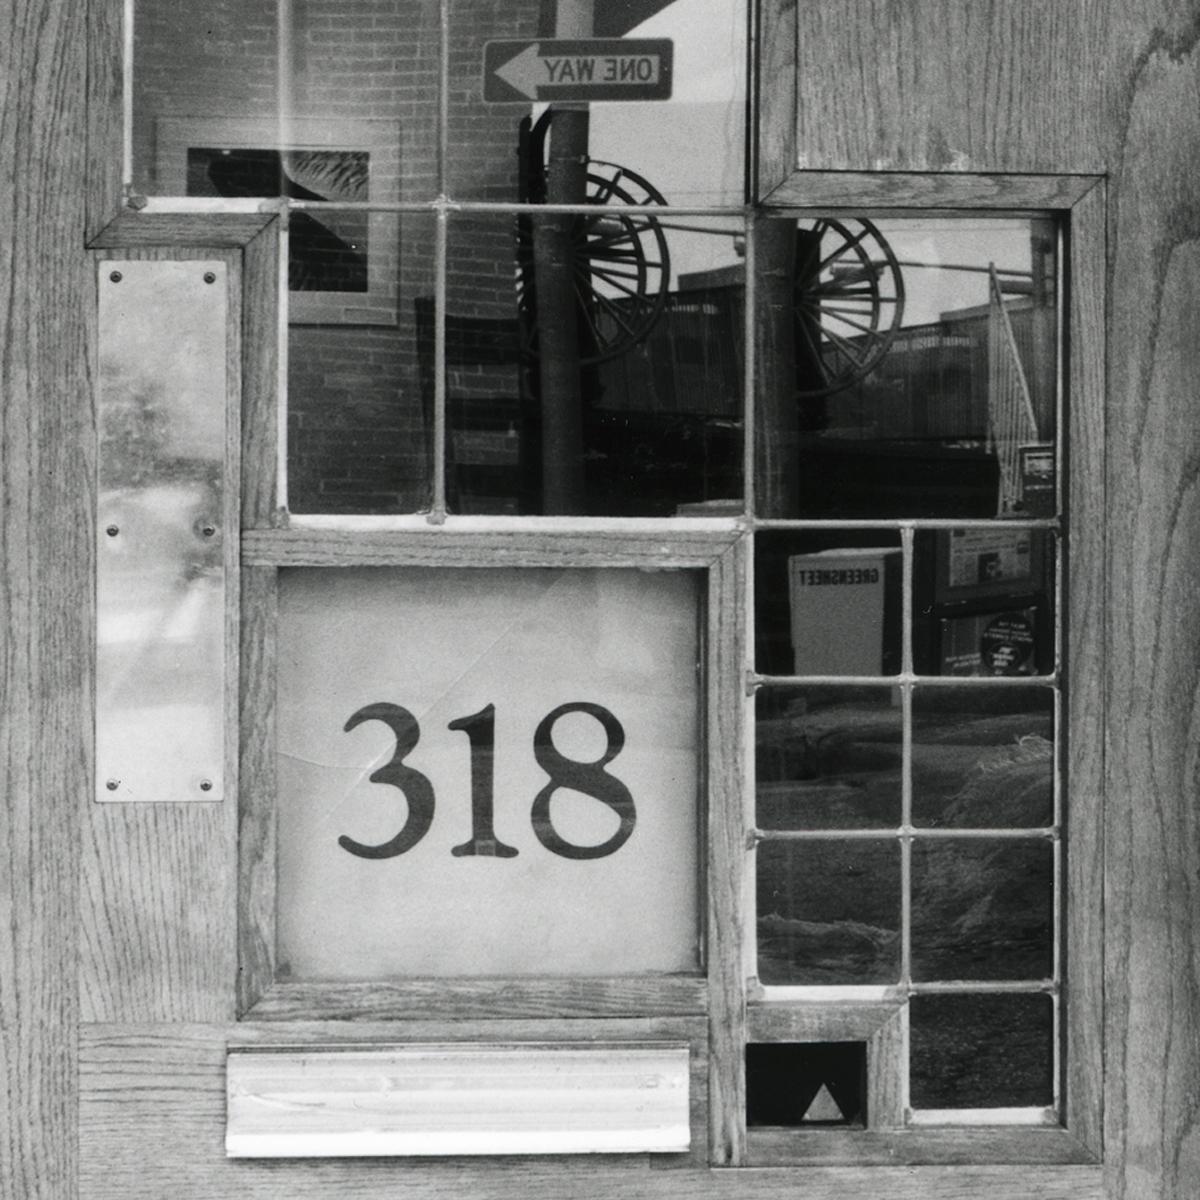 CAREY FRNT DOOR DET.jpg